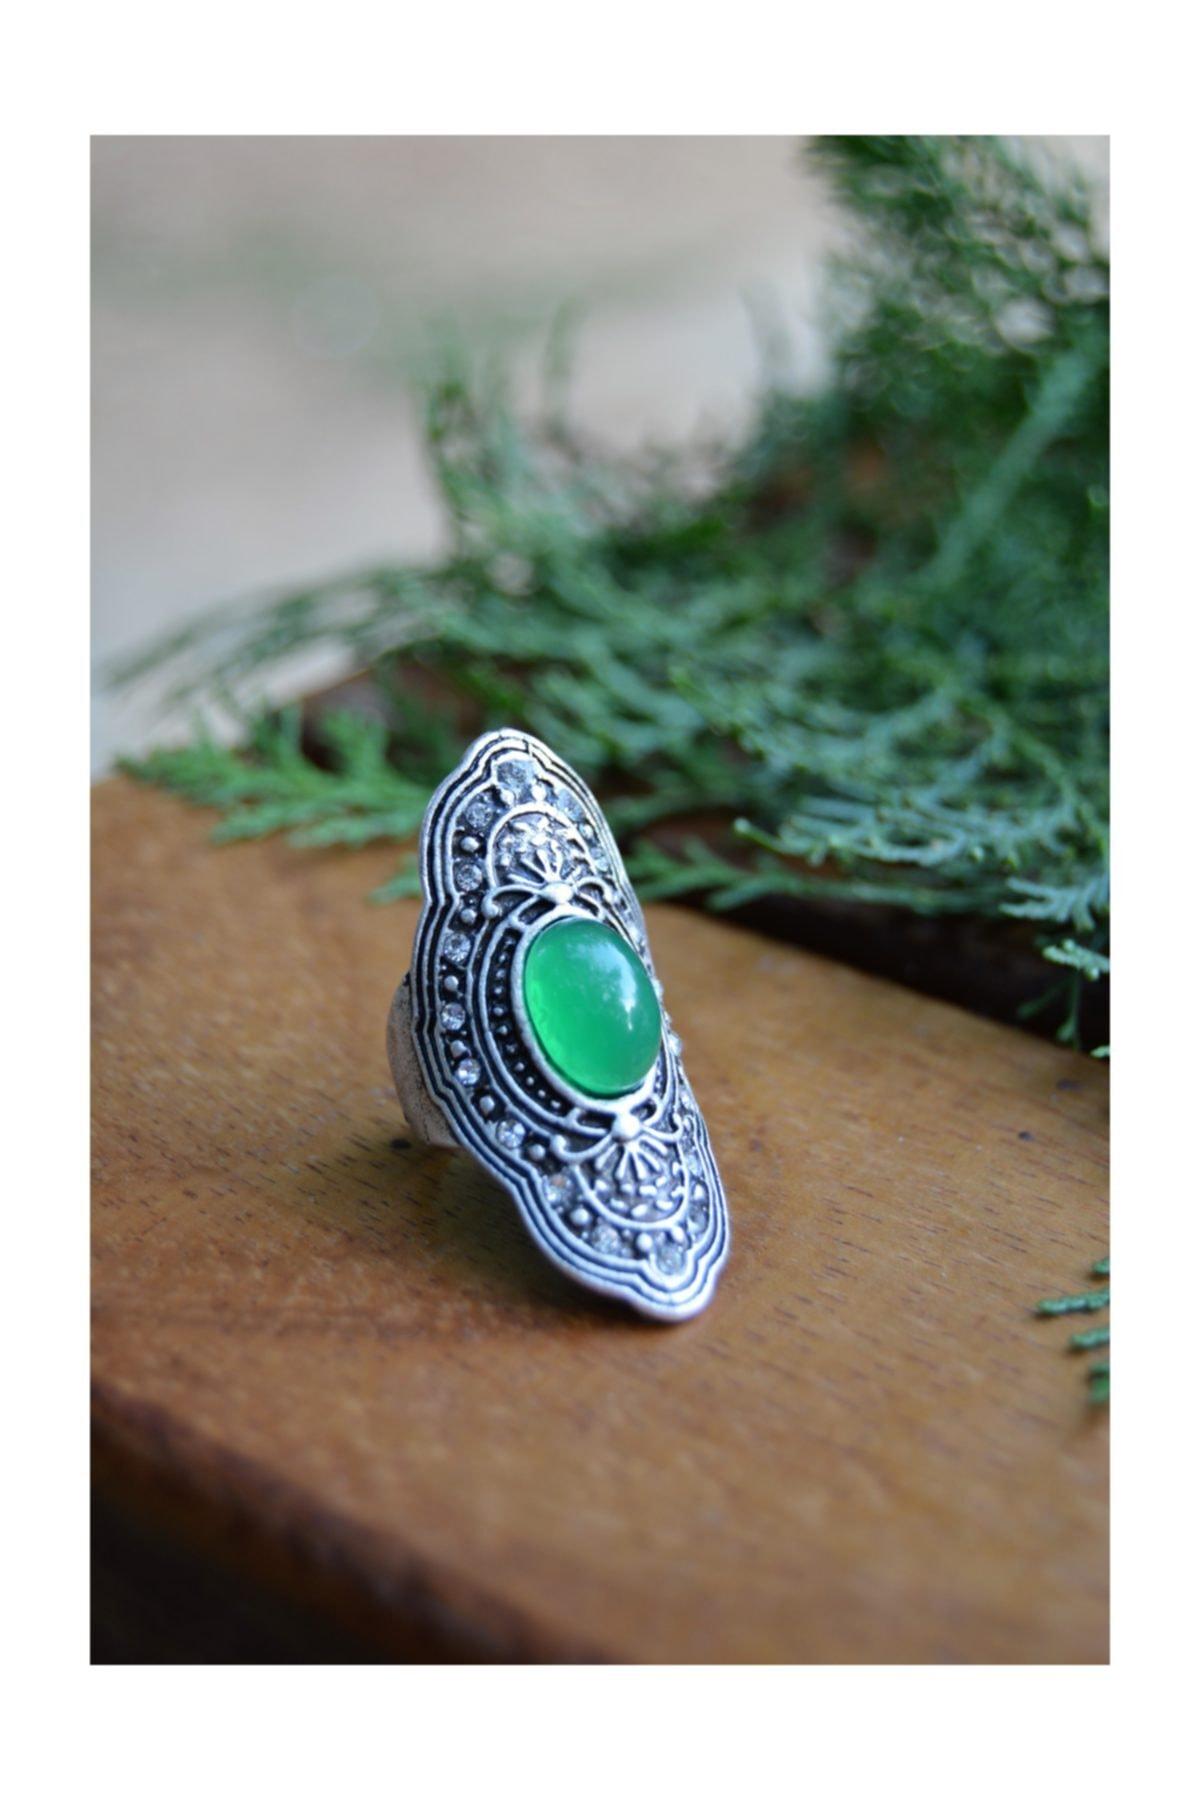 Stoneage Hint Gümüşü Bohem Ayarlanabilir Yüzük Minik Toplu Boho Tarz Yerli Üretim Türk Malı 2